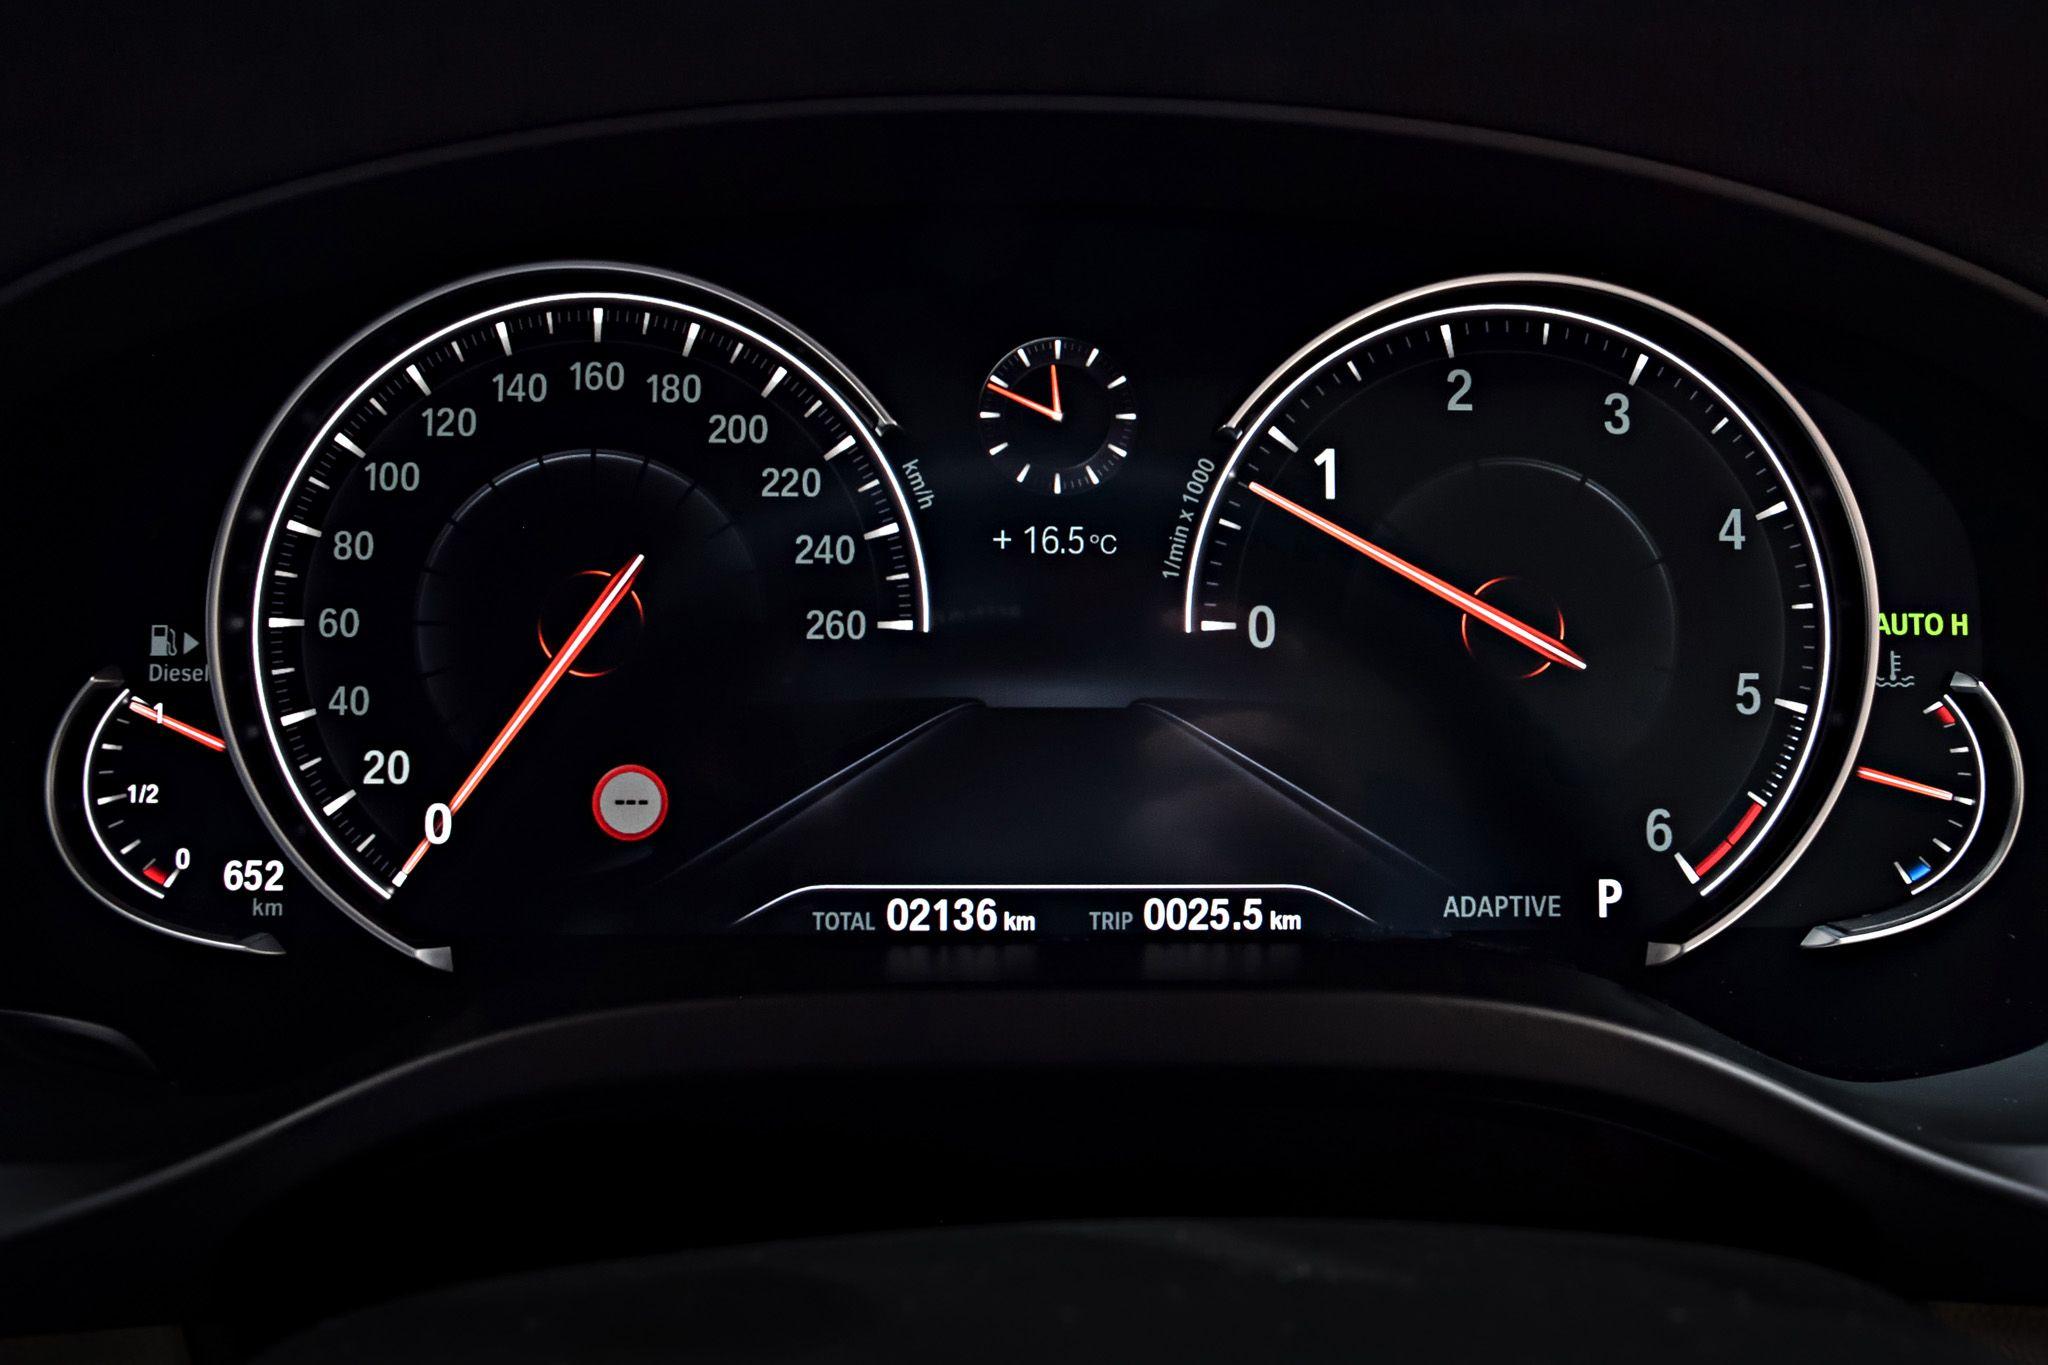 BMW G01 X3 xDrive30d SAV xLine LuxuryLine MPackage